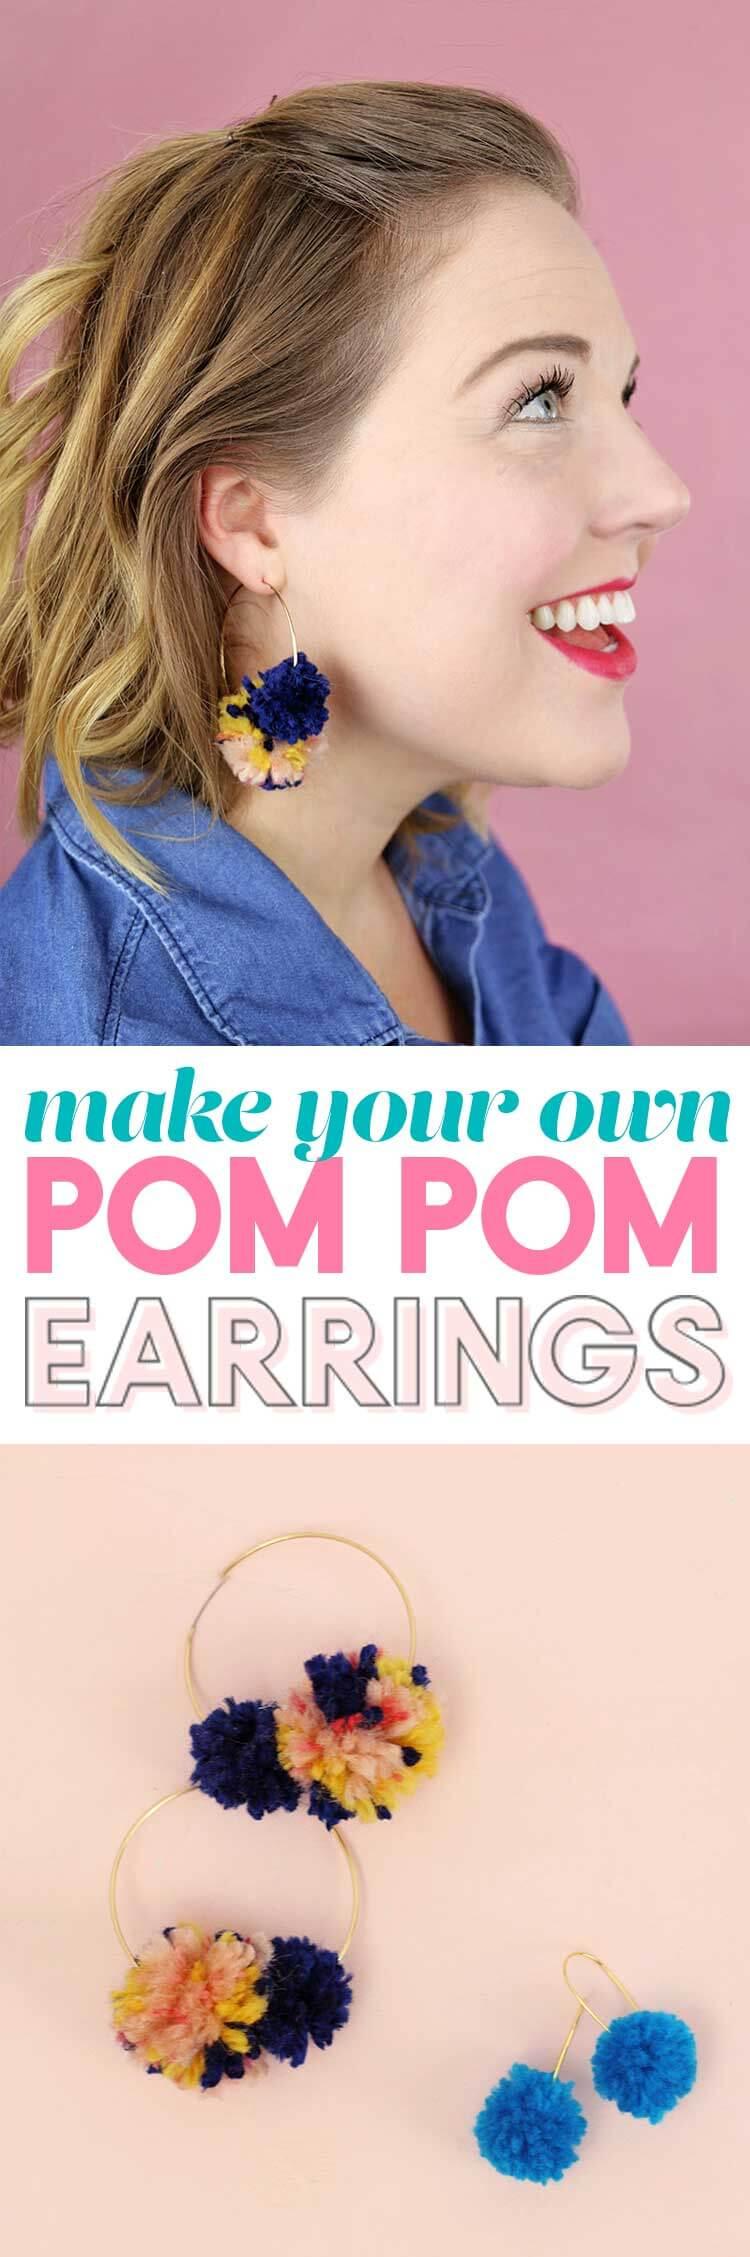 Make your own DIY Pom Pom Earrings - video tutorial